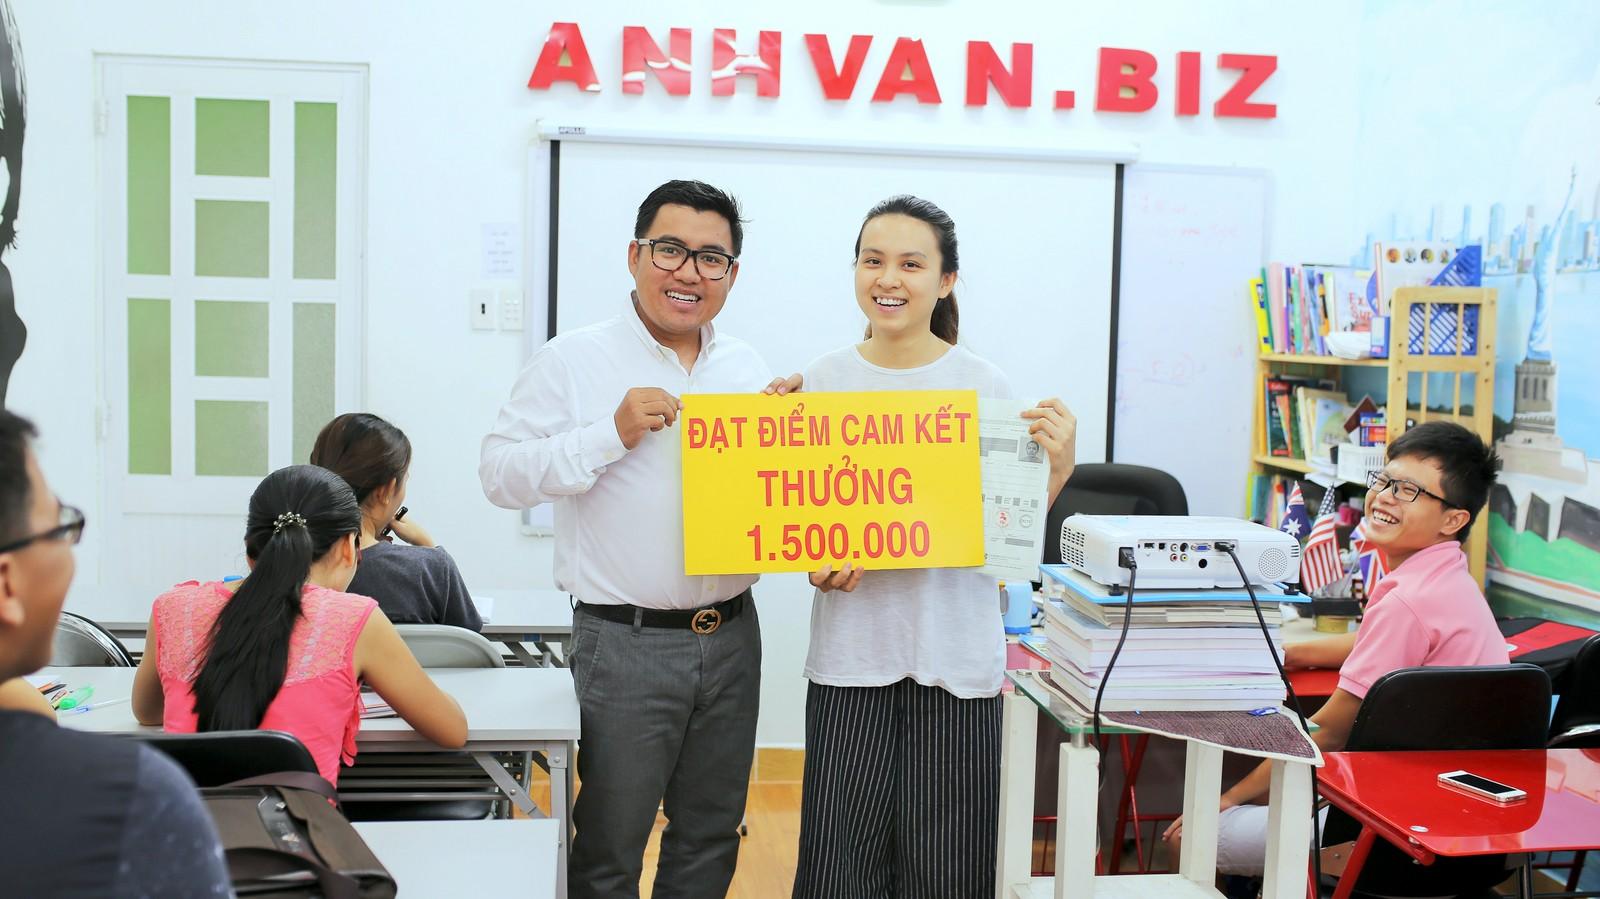 Linh ielts 6.0 chi 30 ngày !!! 2016